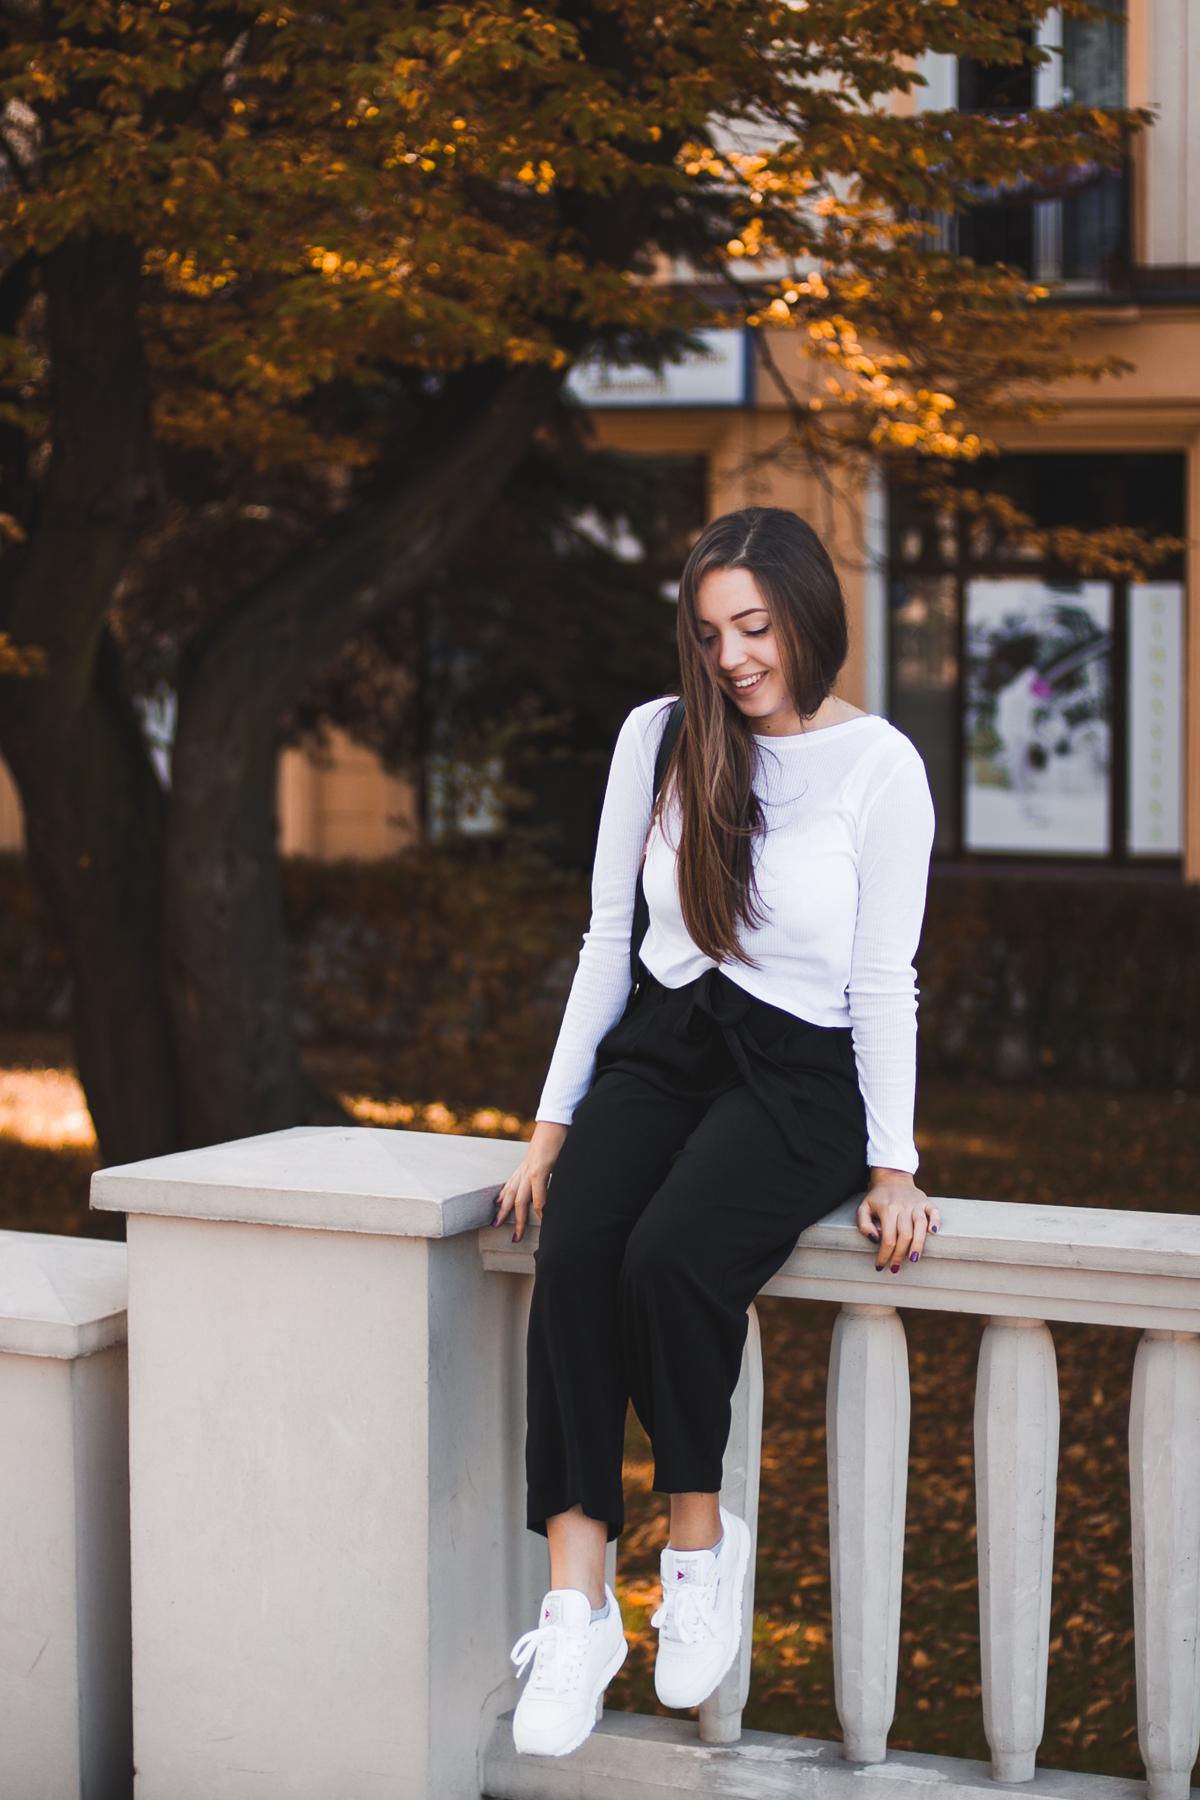 Białe buty reebok classic stylizacja